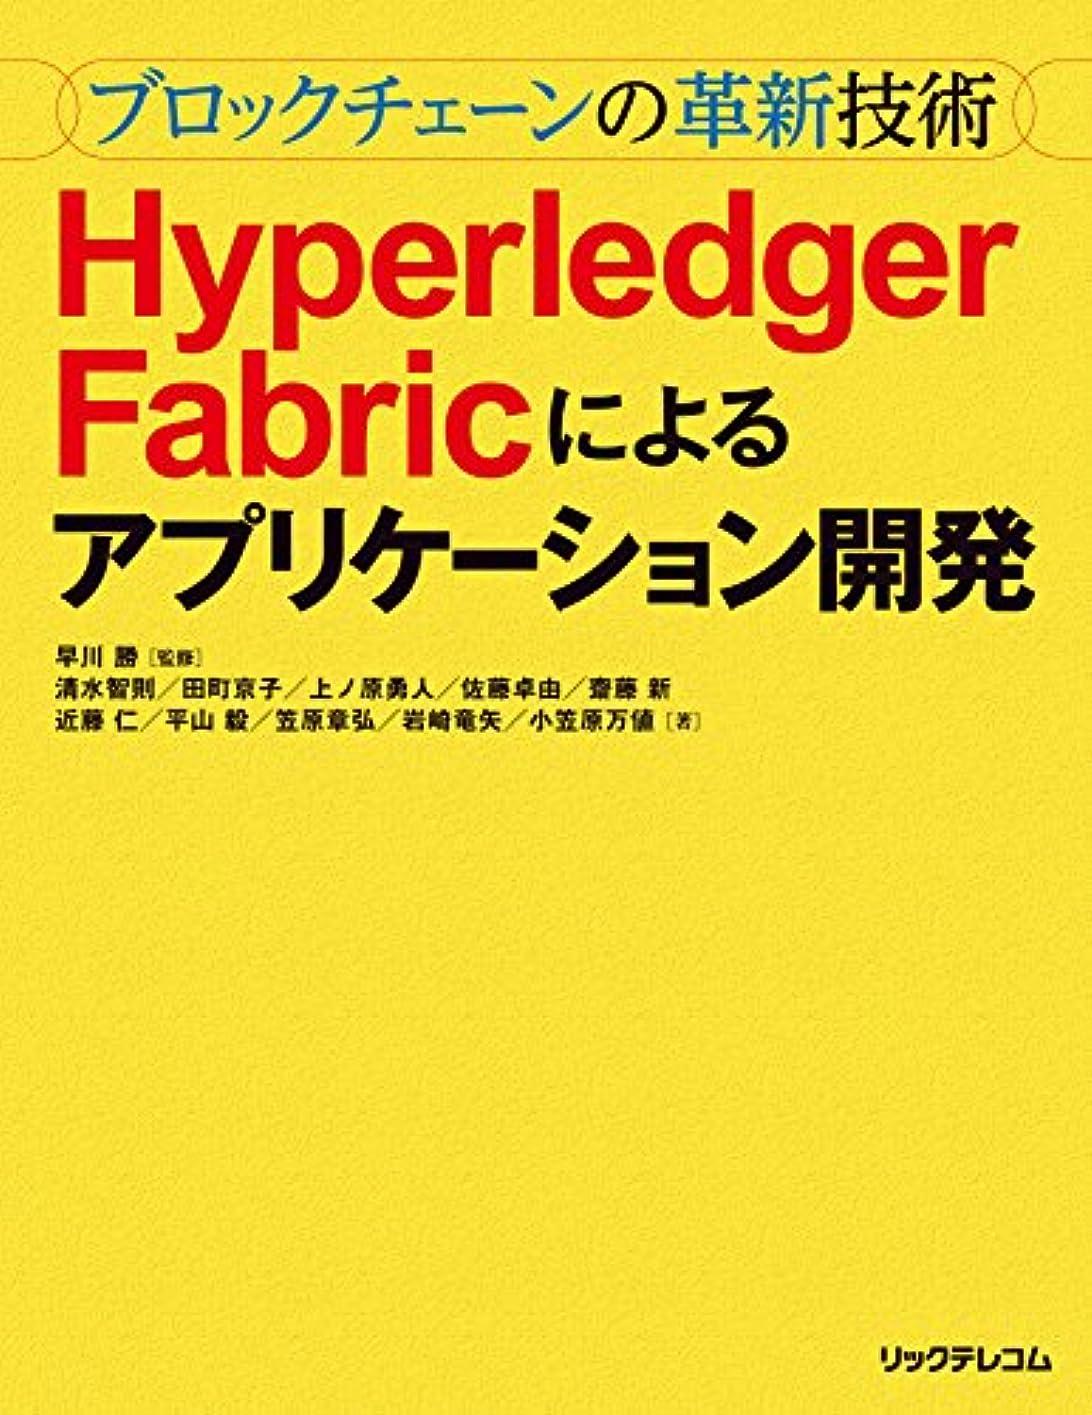 デジタルロッカー山~ブロックチェーンの革新技術~Hyperledger Fabricによるアプリケーション開発